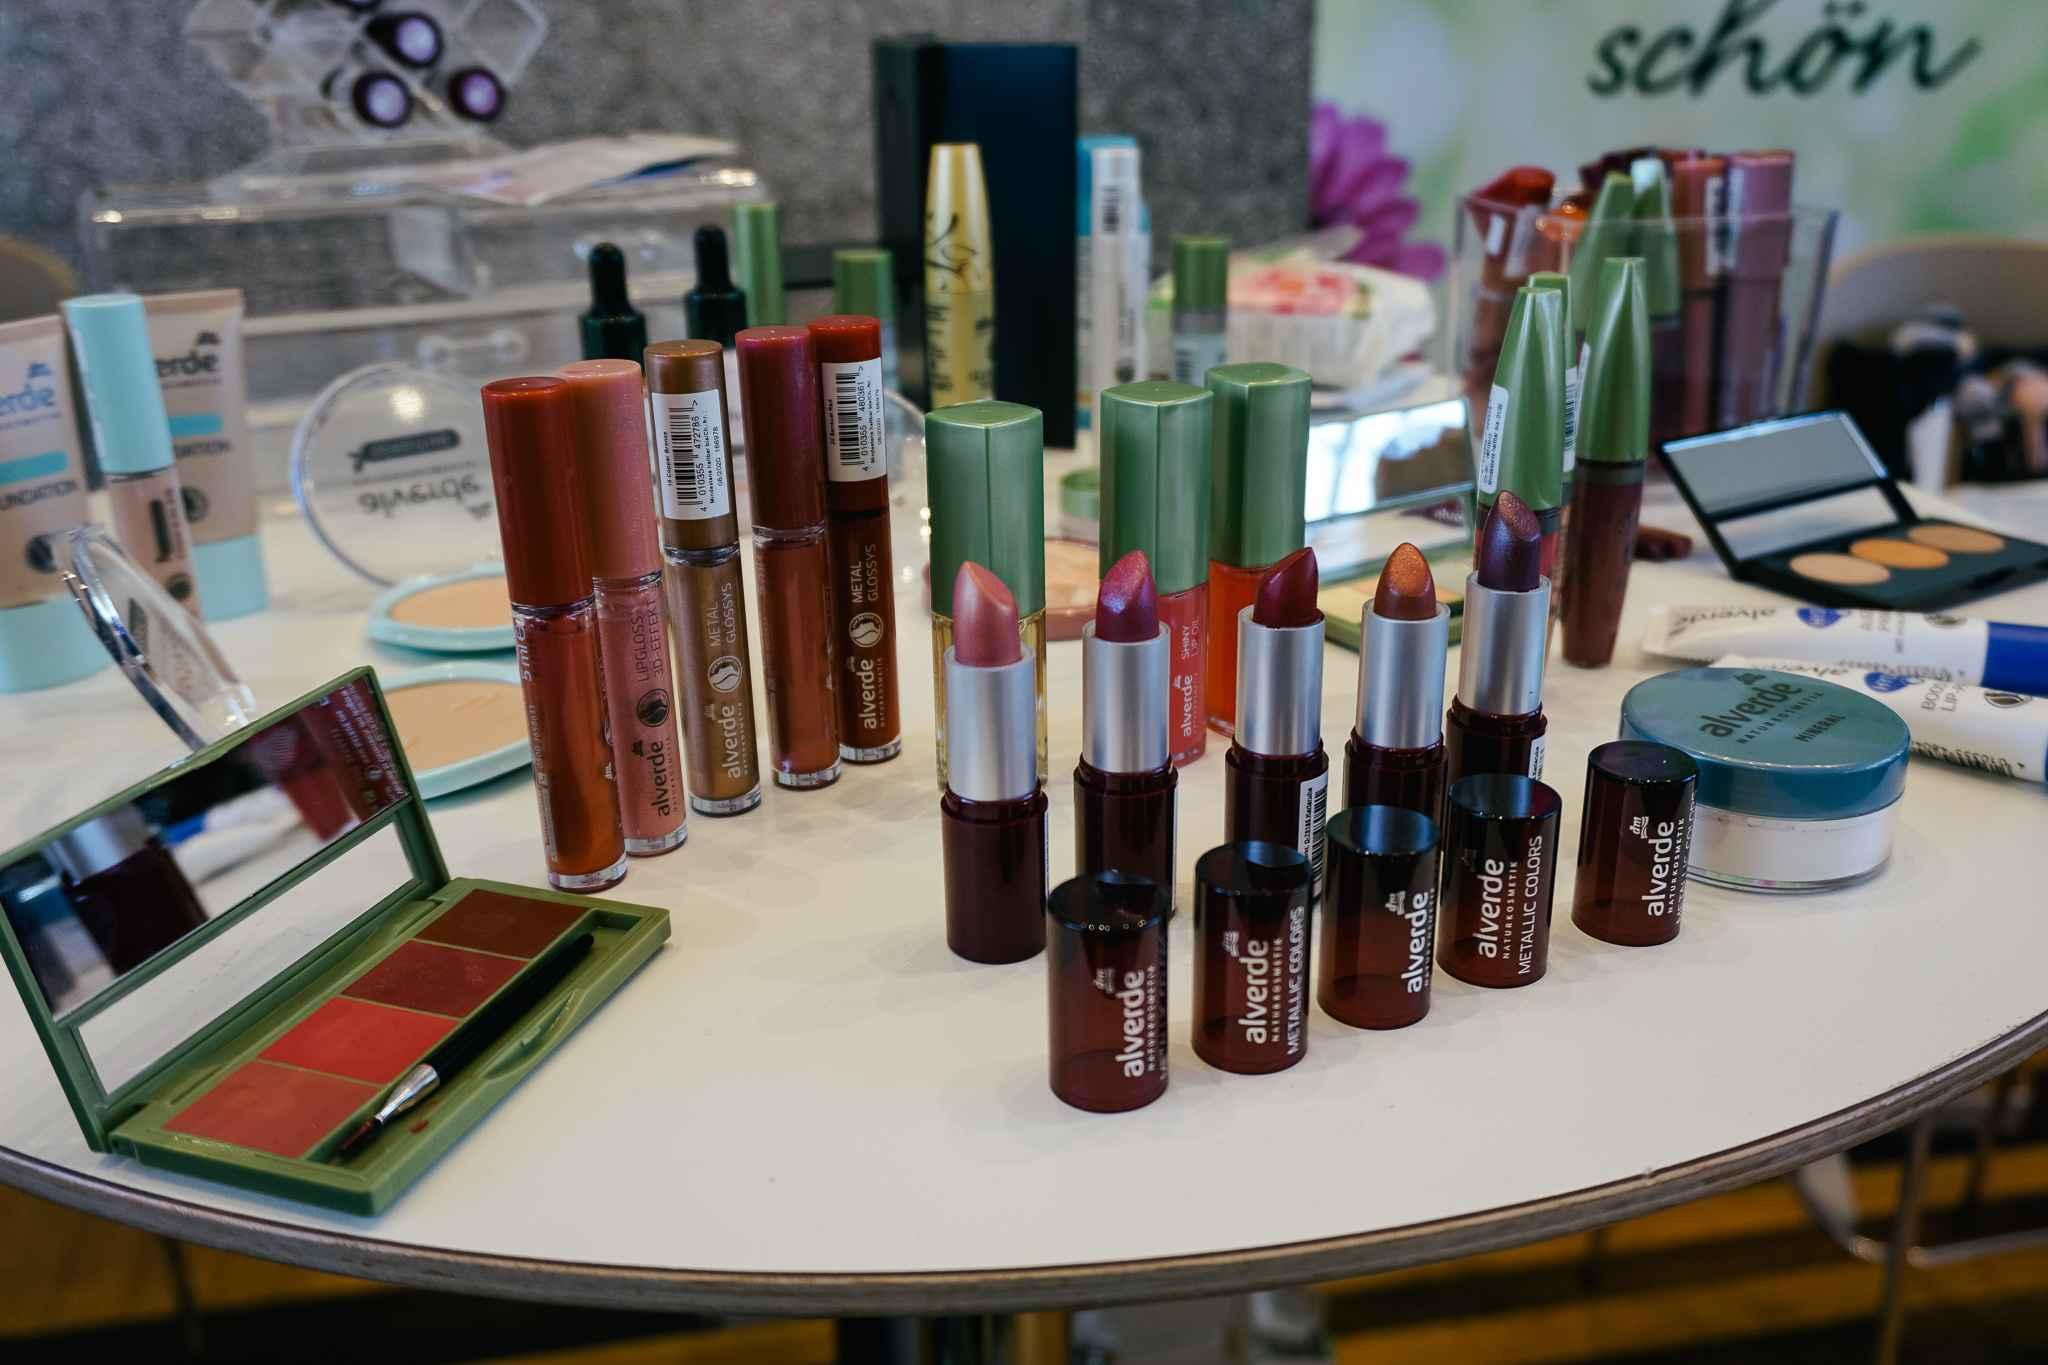 alverde naturkosmetik makeup